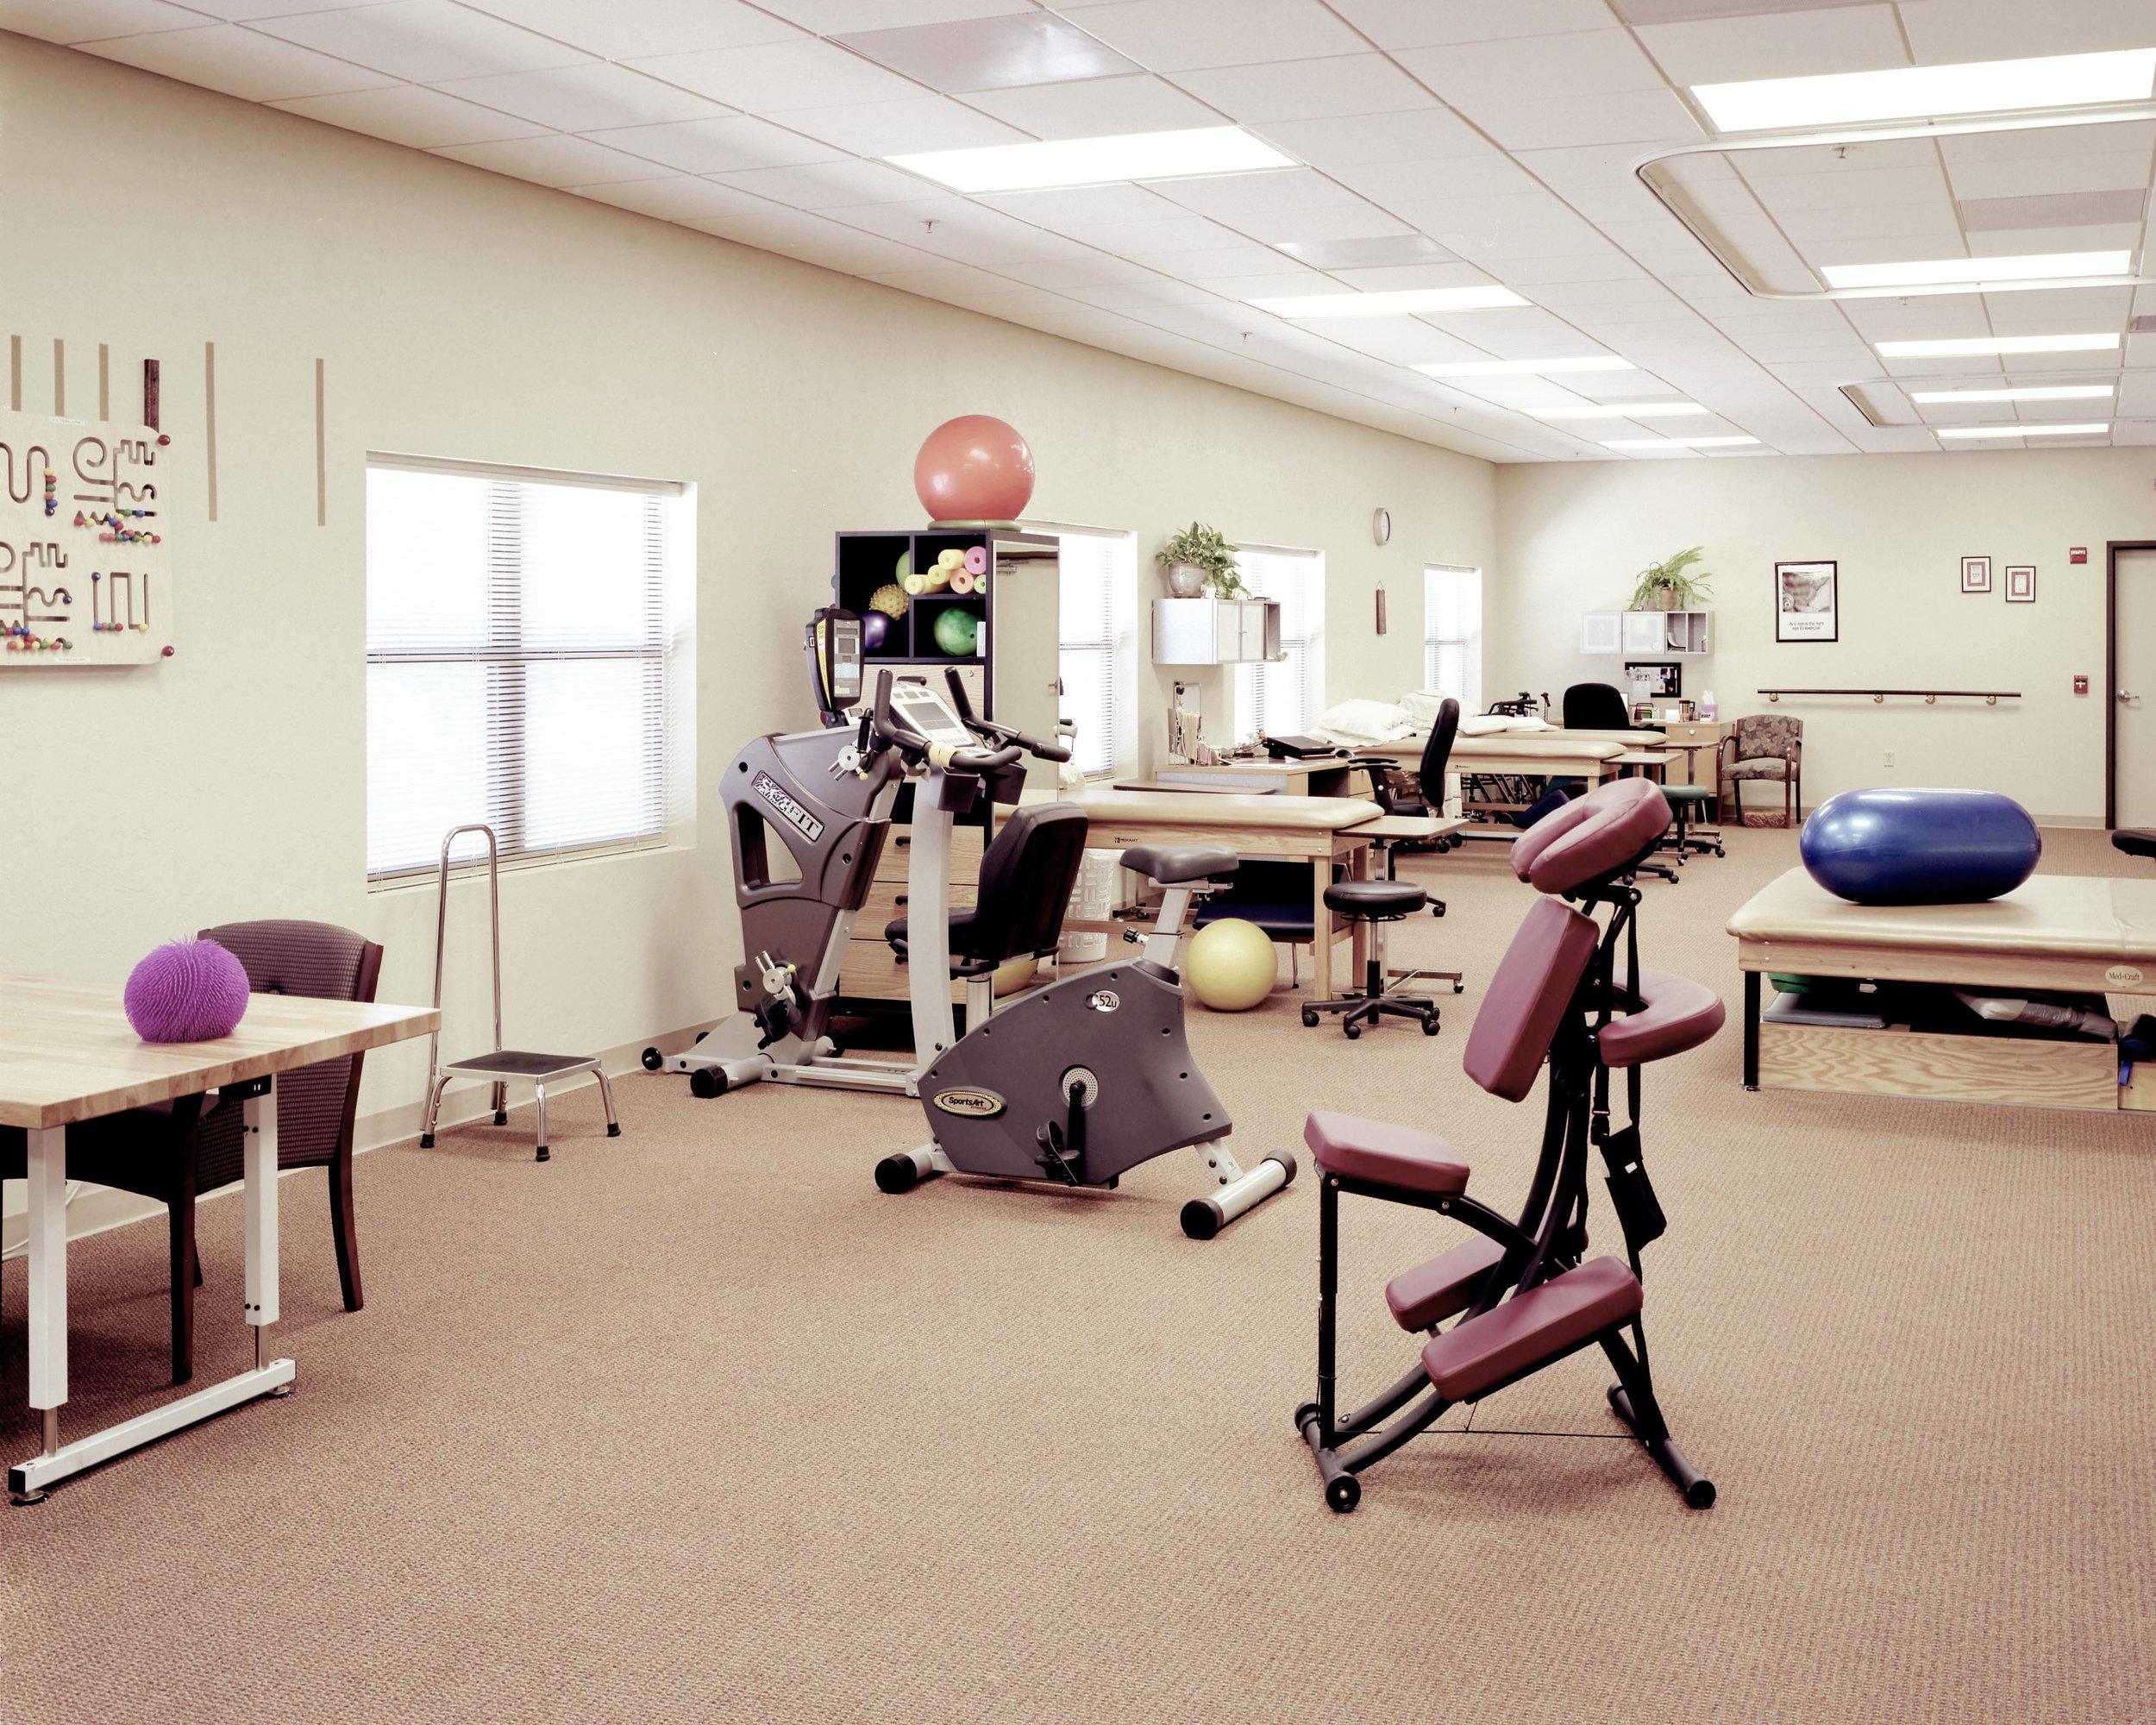 sat-workout room.jpg